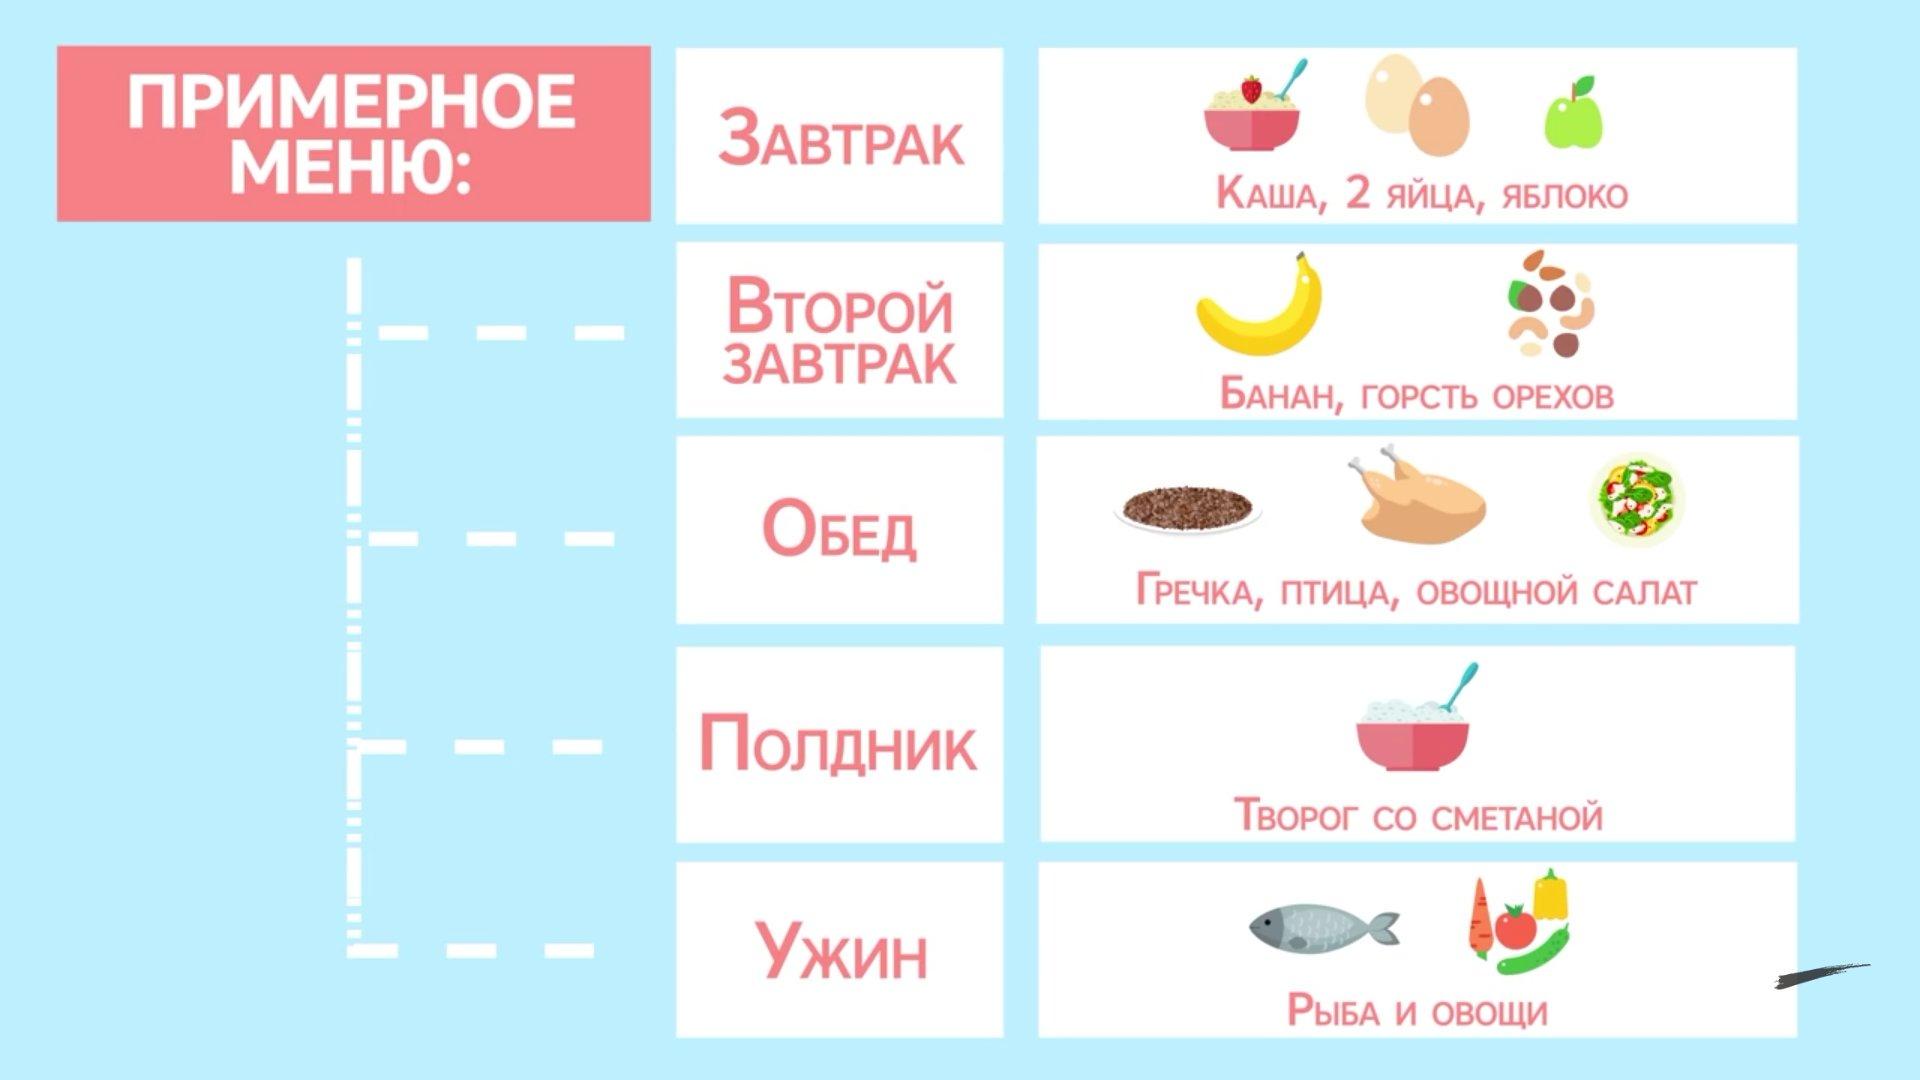 Диета До 15 Лет. Диета для подростков 15-16 лет: как правильно составить меню для безопасного похудения